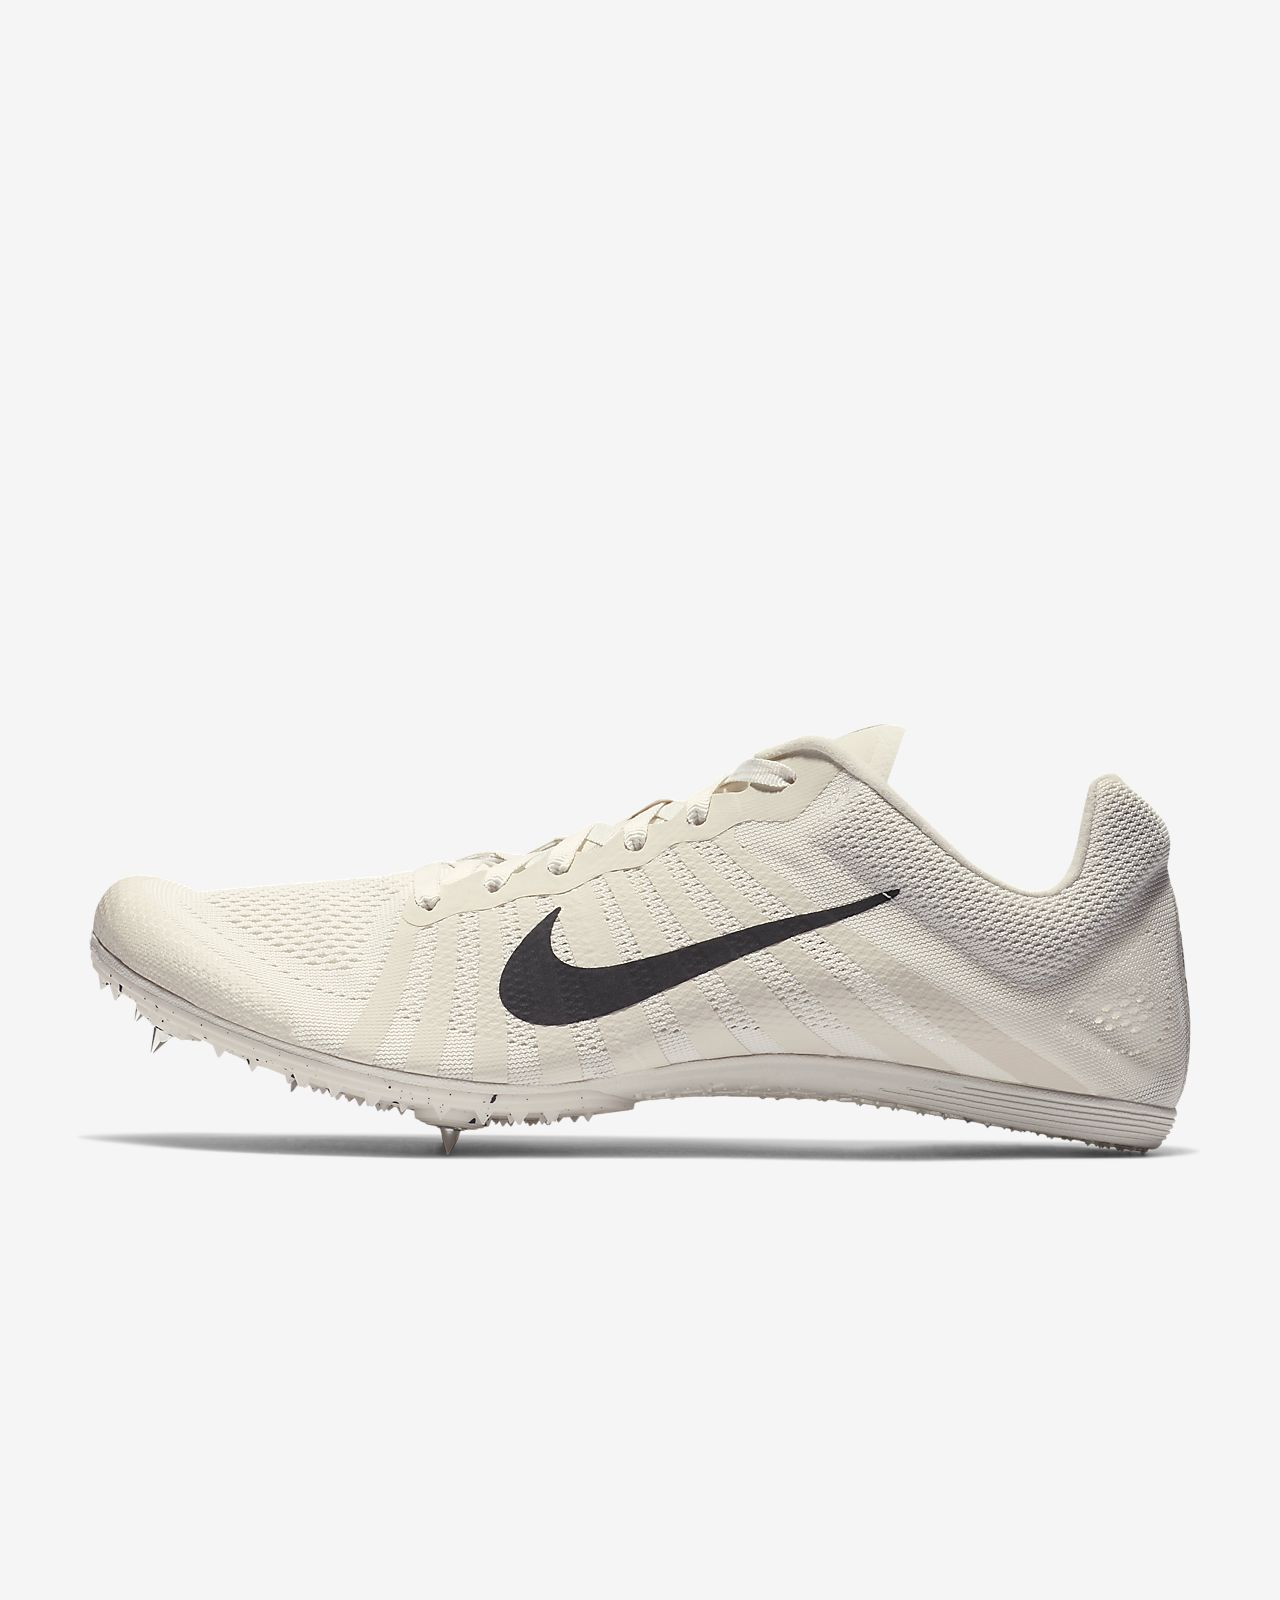 Uniszex Zoom Nike D CipőHu Távfutó Szöges 7ybf6g